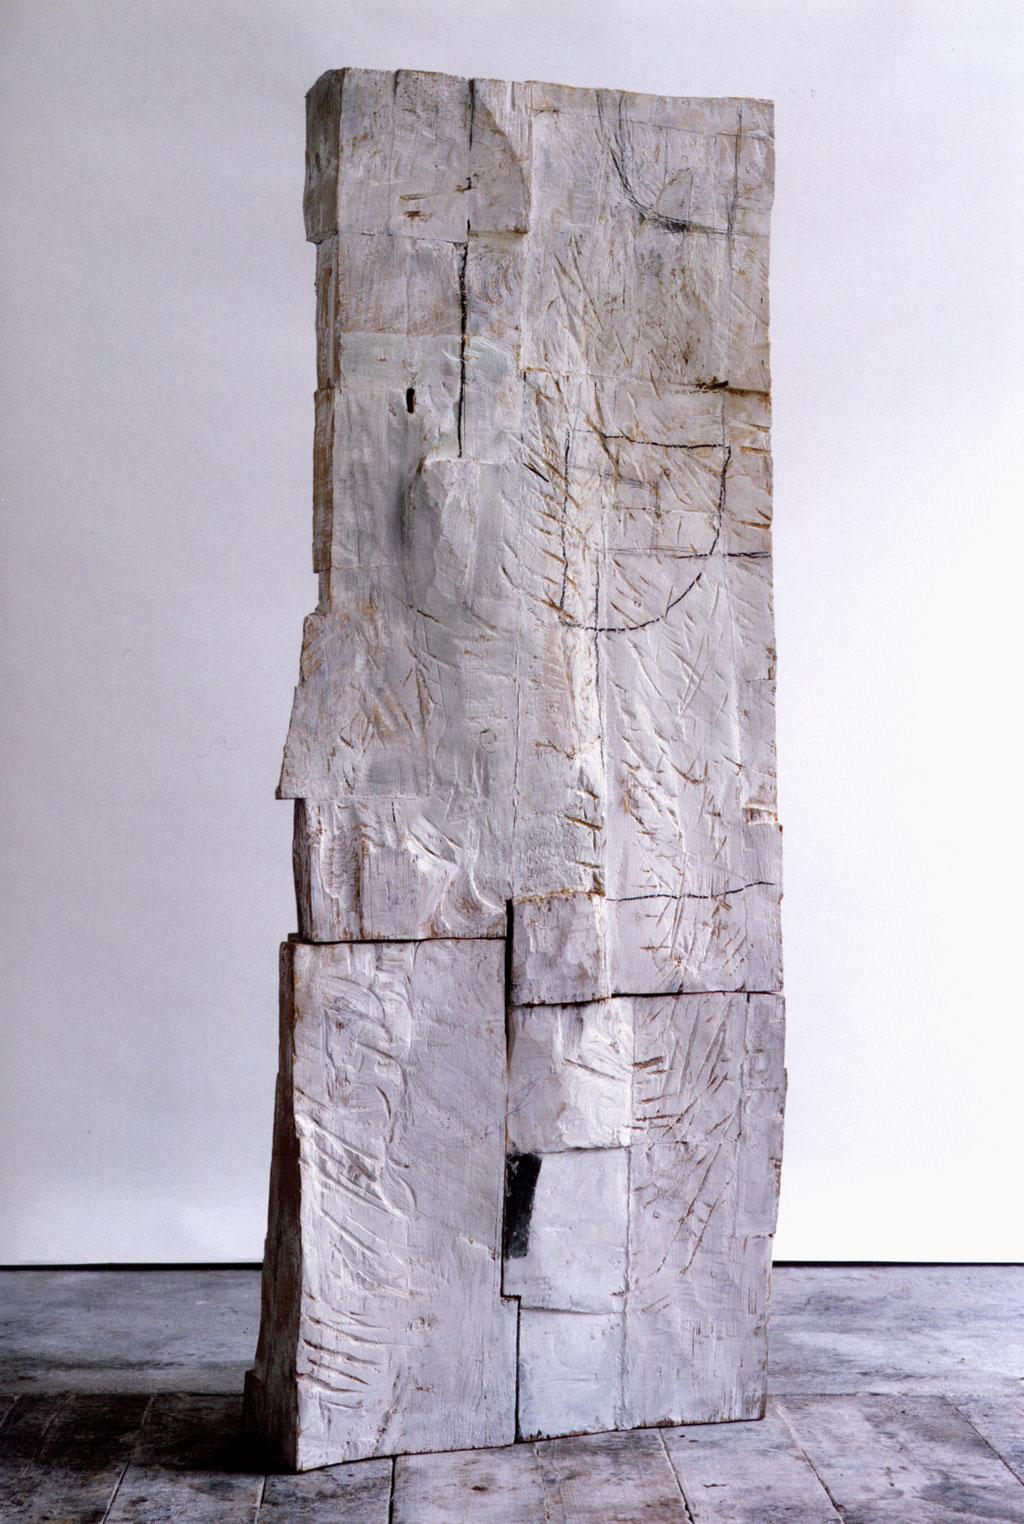 Ausstellung 15.06. - 04.08.2013 | Joachim Böttcher | Handzeichnungen, Malerei, Skulpturen